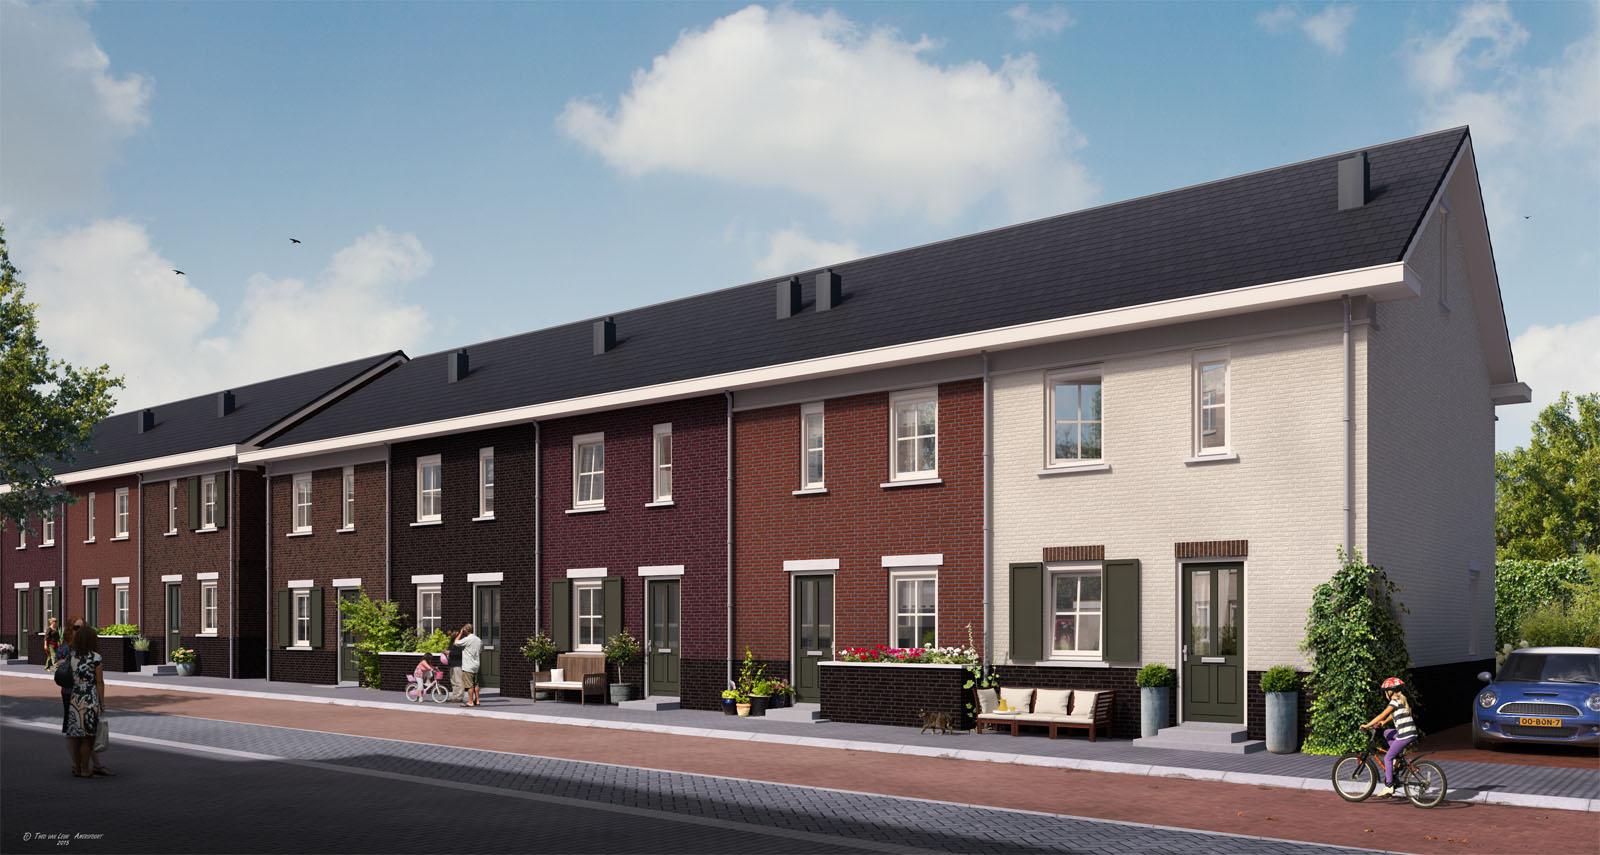 1845,0 AM - De Laares Enschede - 17 woningen Begoniastraat - cam 01_72dp...